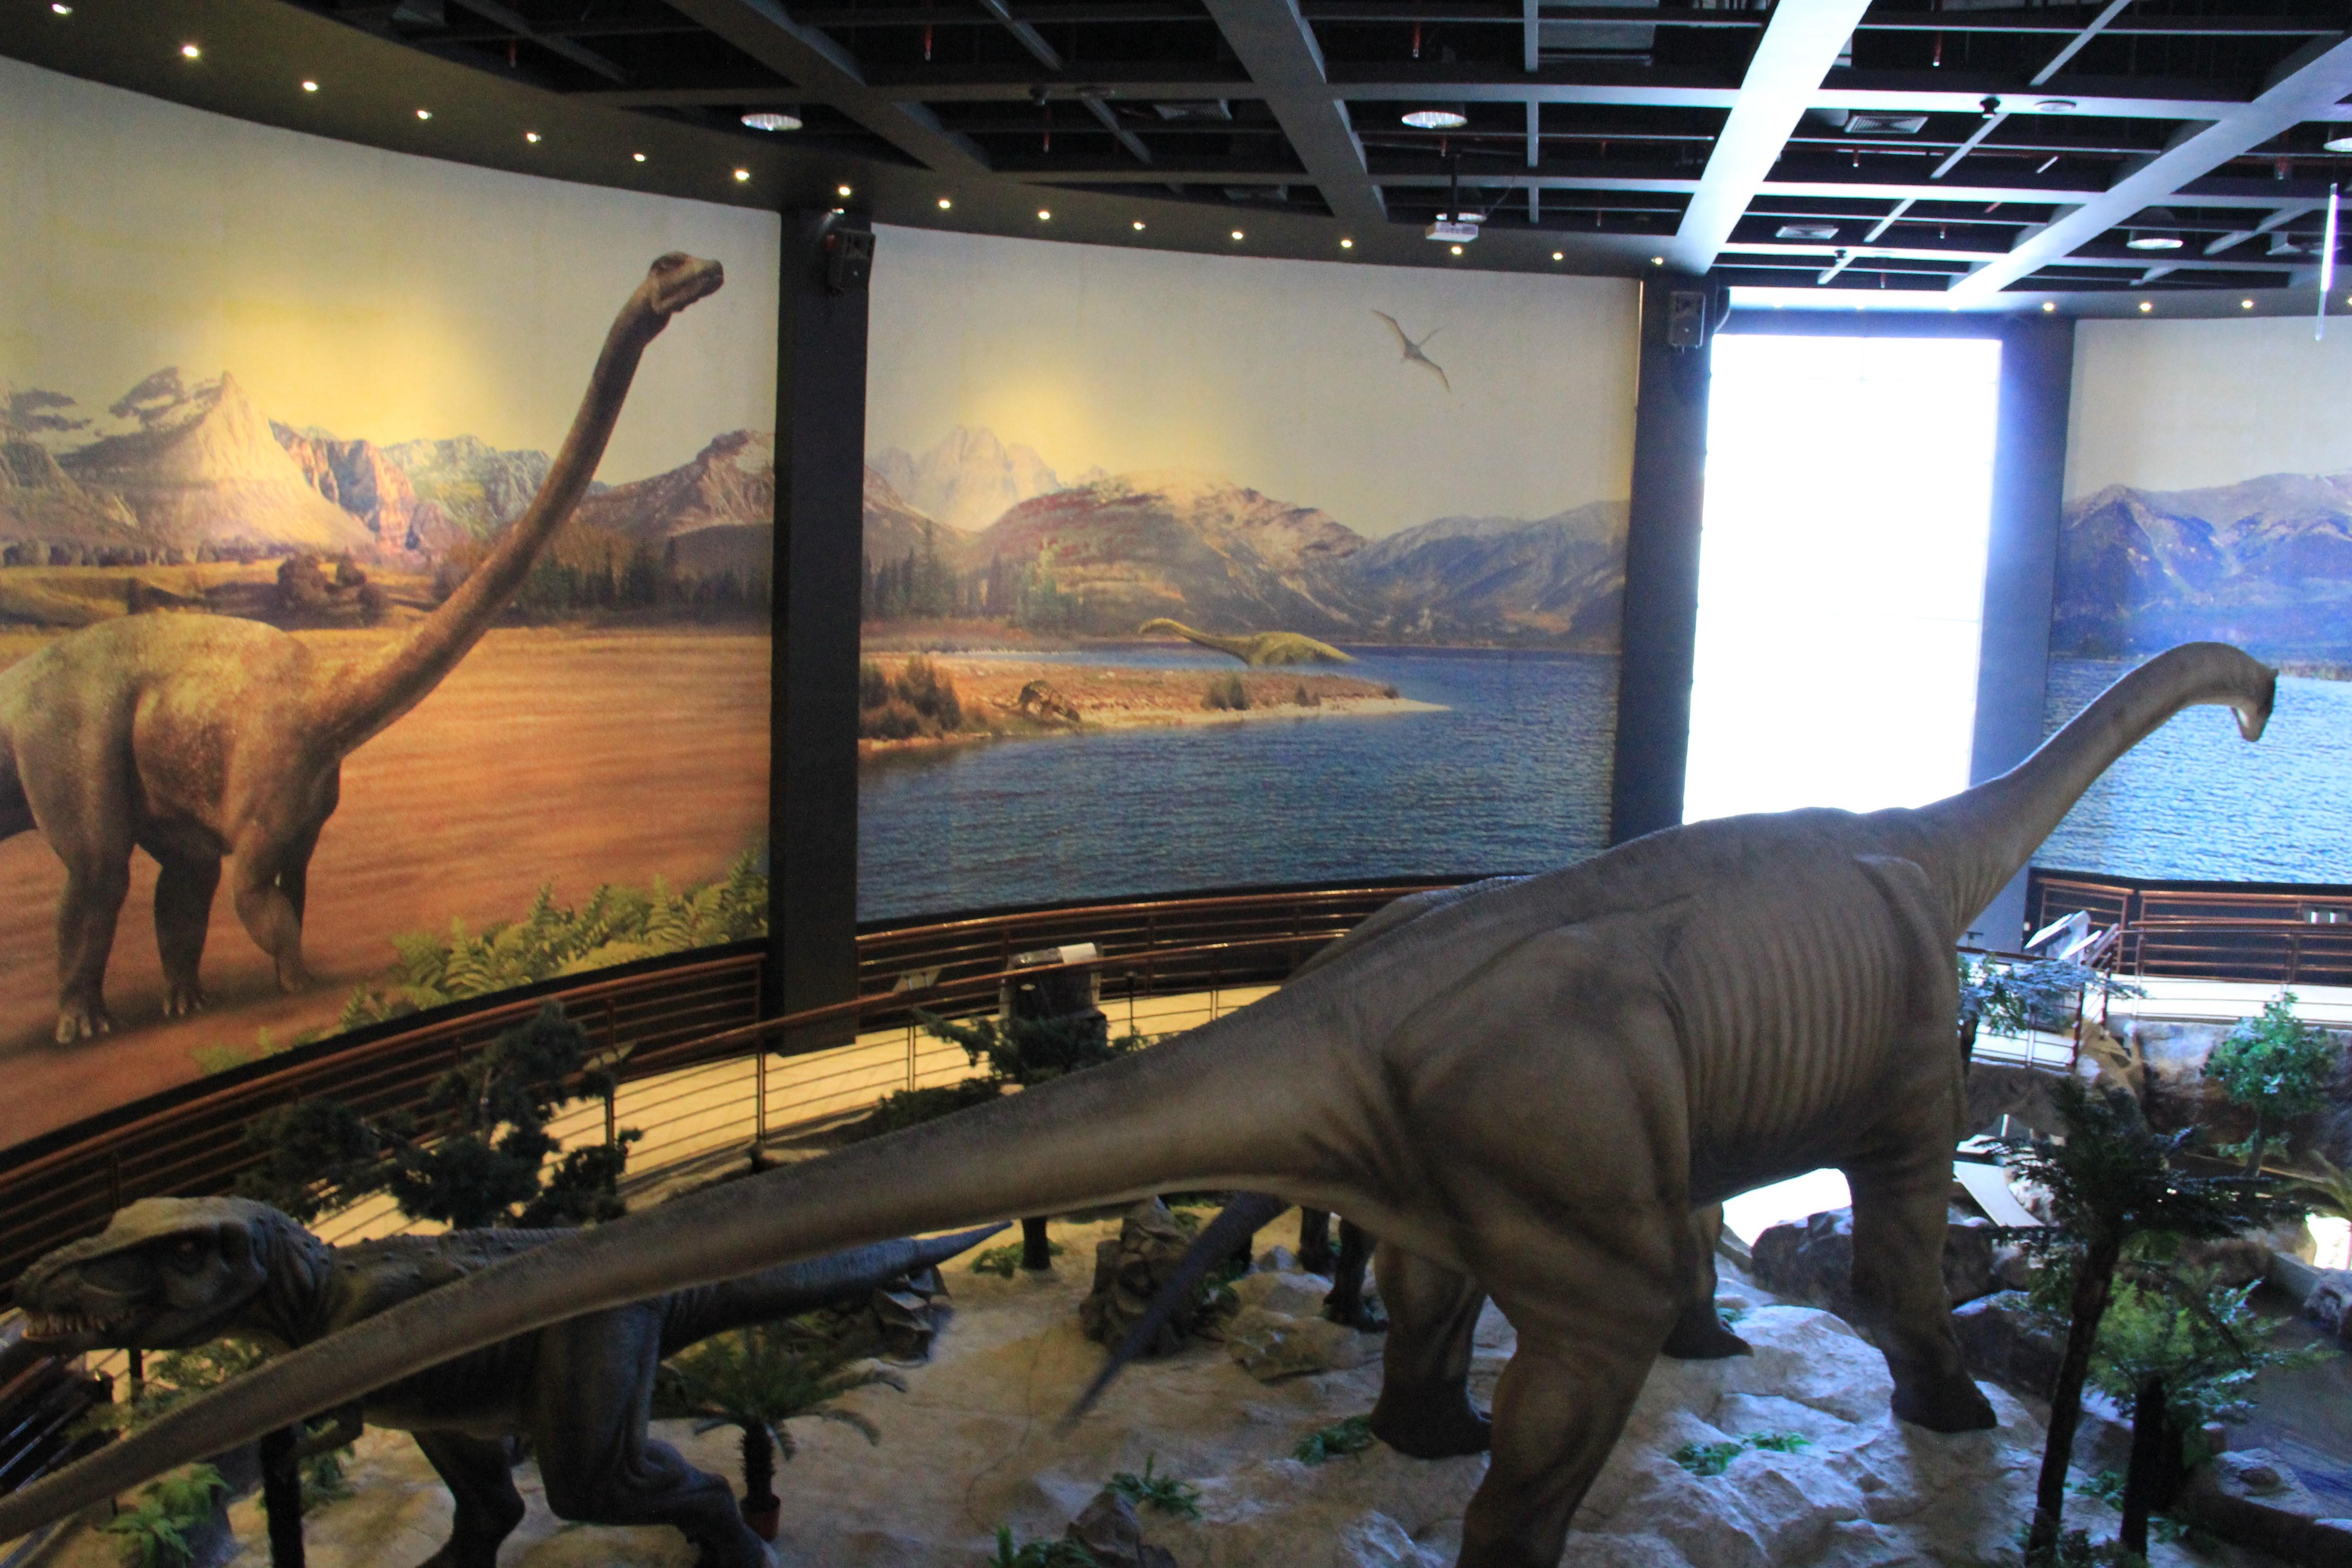 泰国曼谷恐龙博物馆工程——松涛园林景观工程制作公司